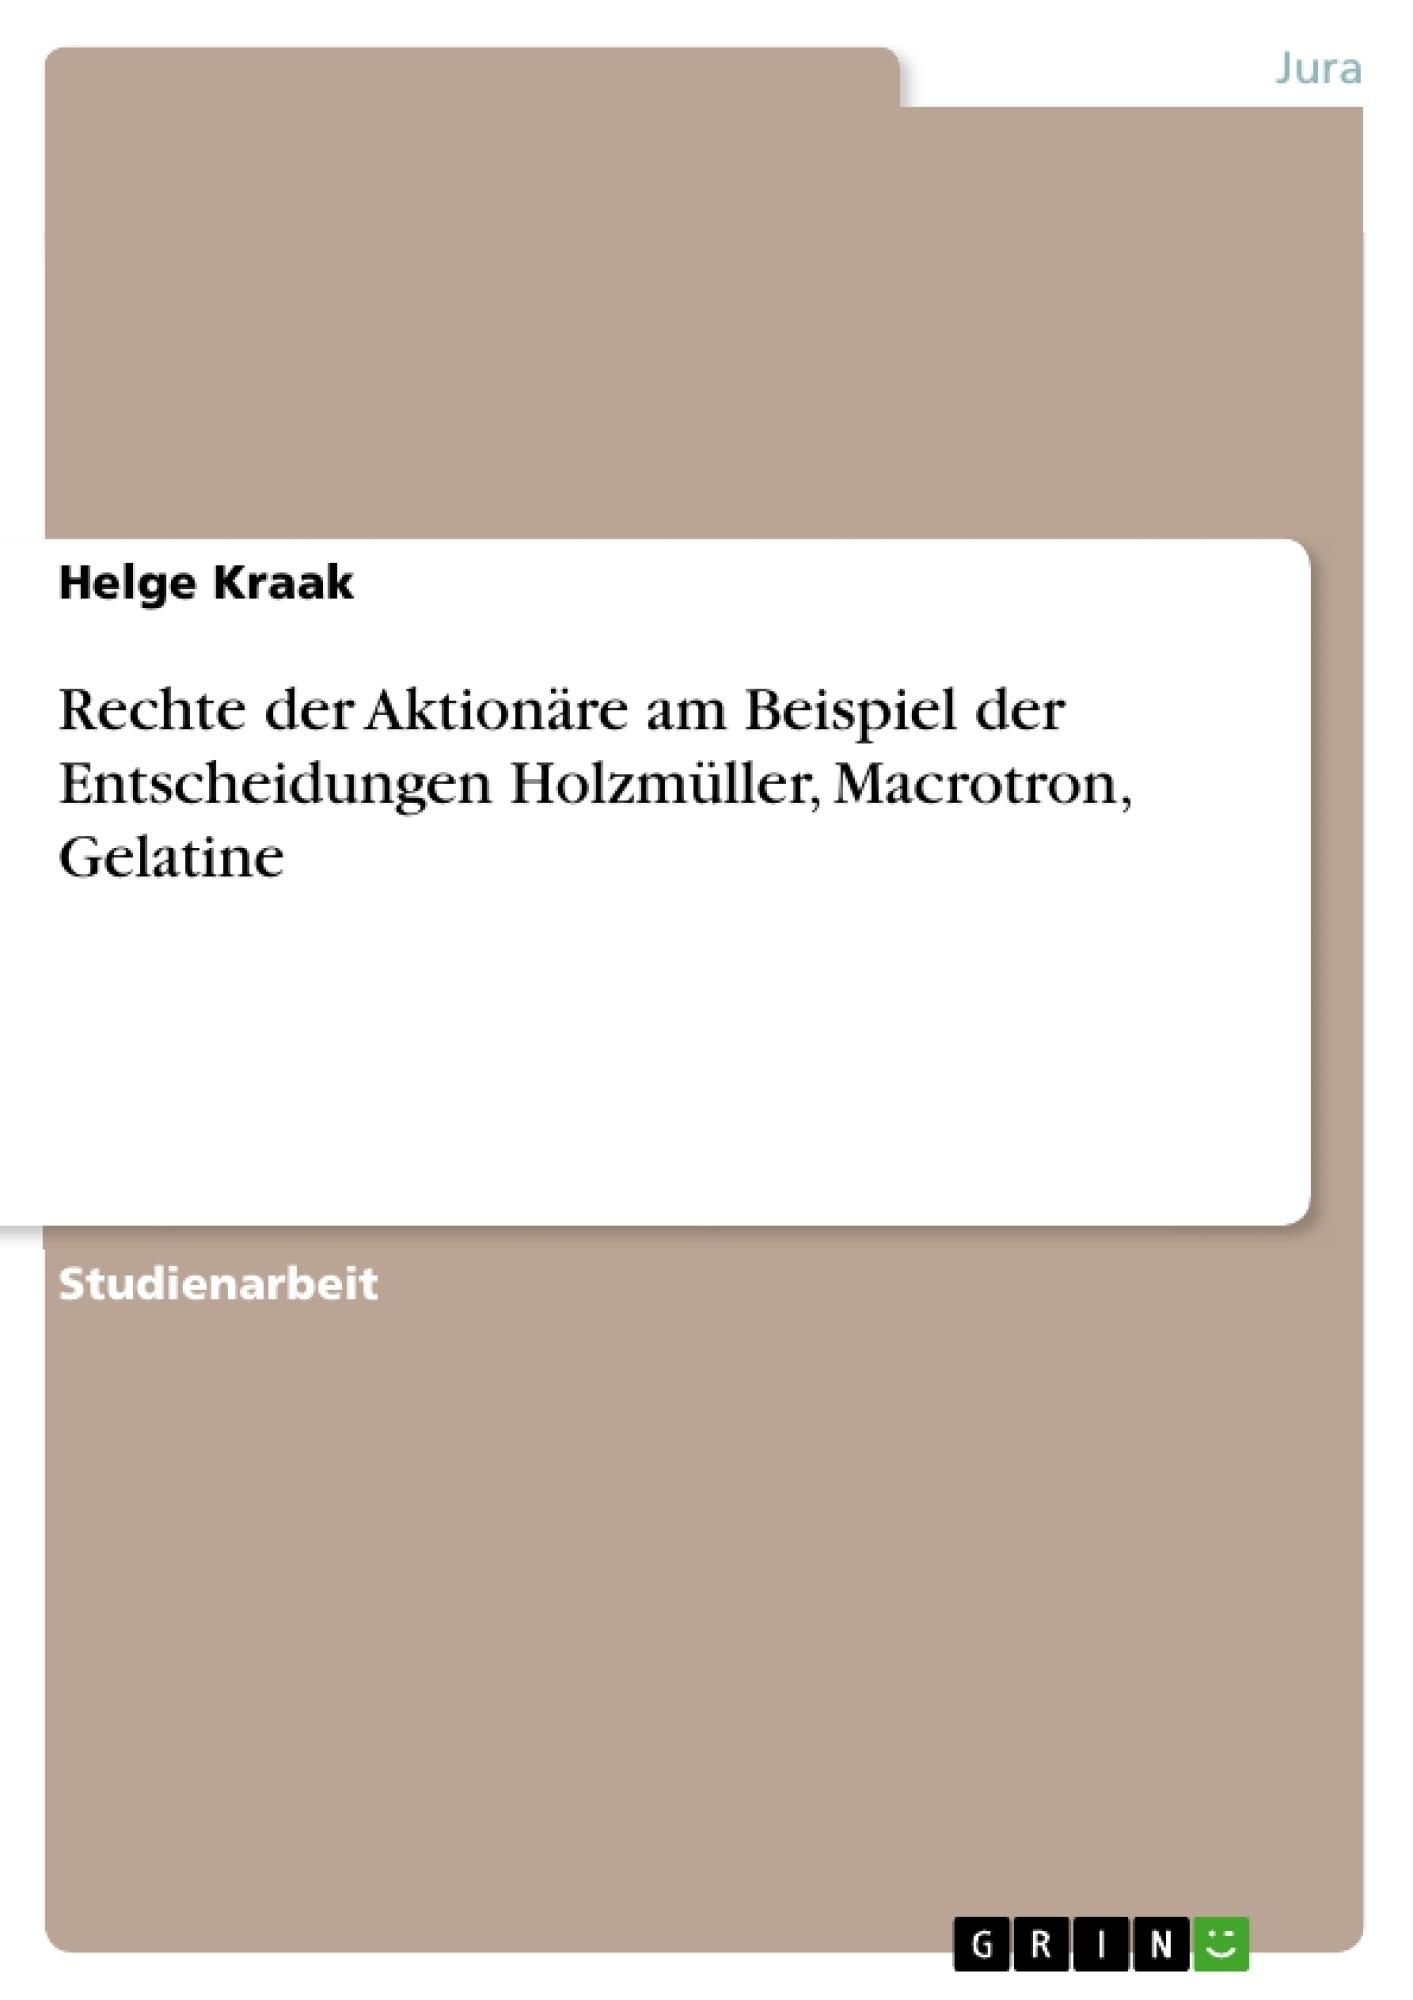 Titel: Rechte der Aktionäre am Beispiel der Entscheidungen Holzmüller, Macrotron, Gelatine